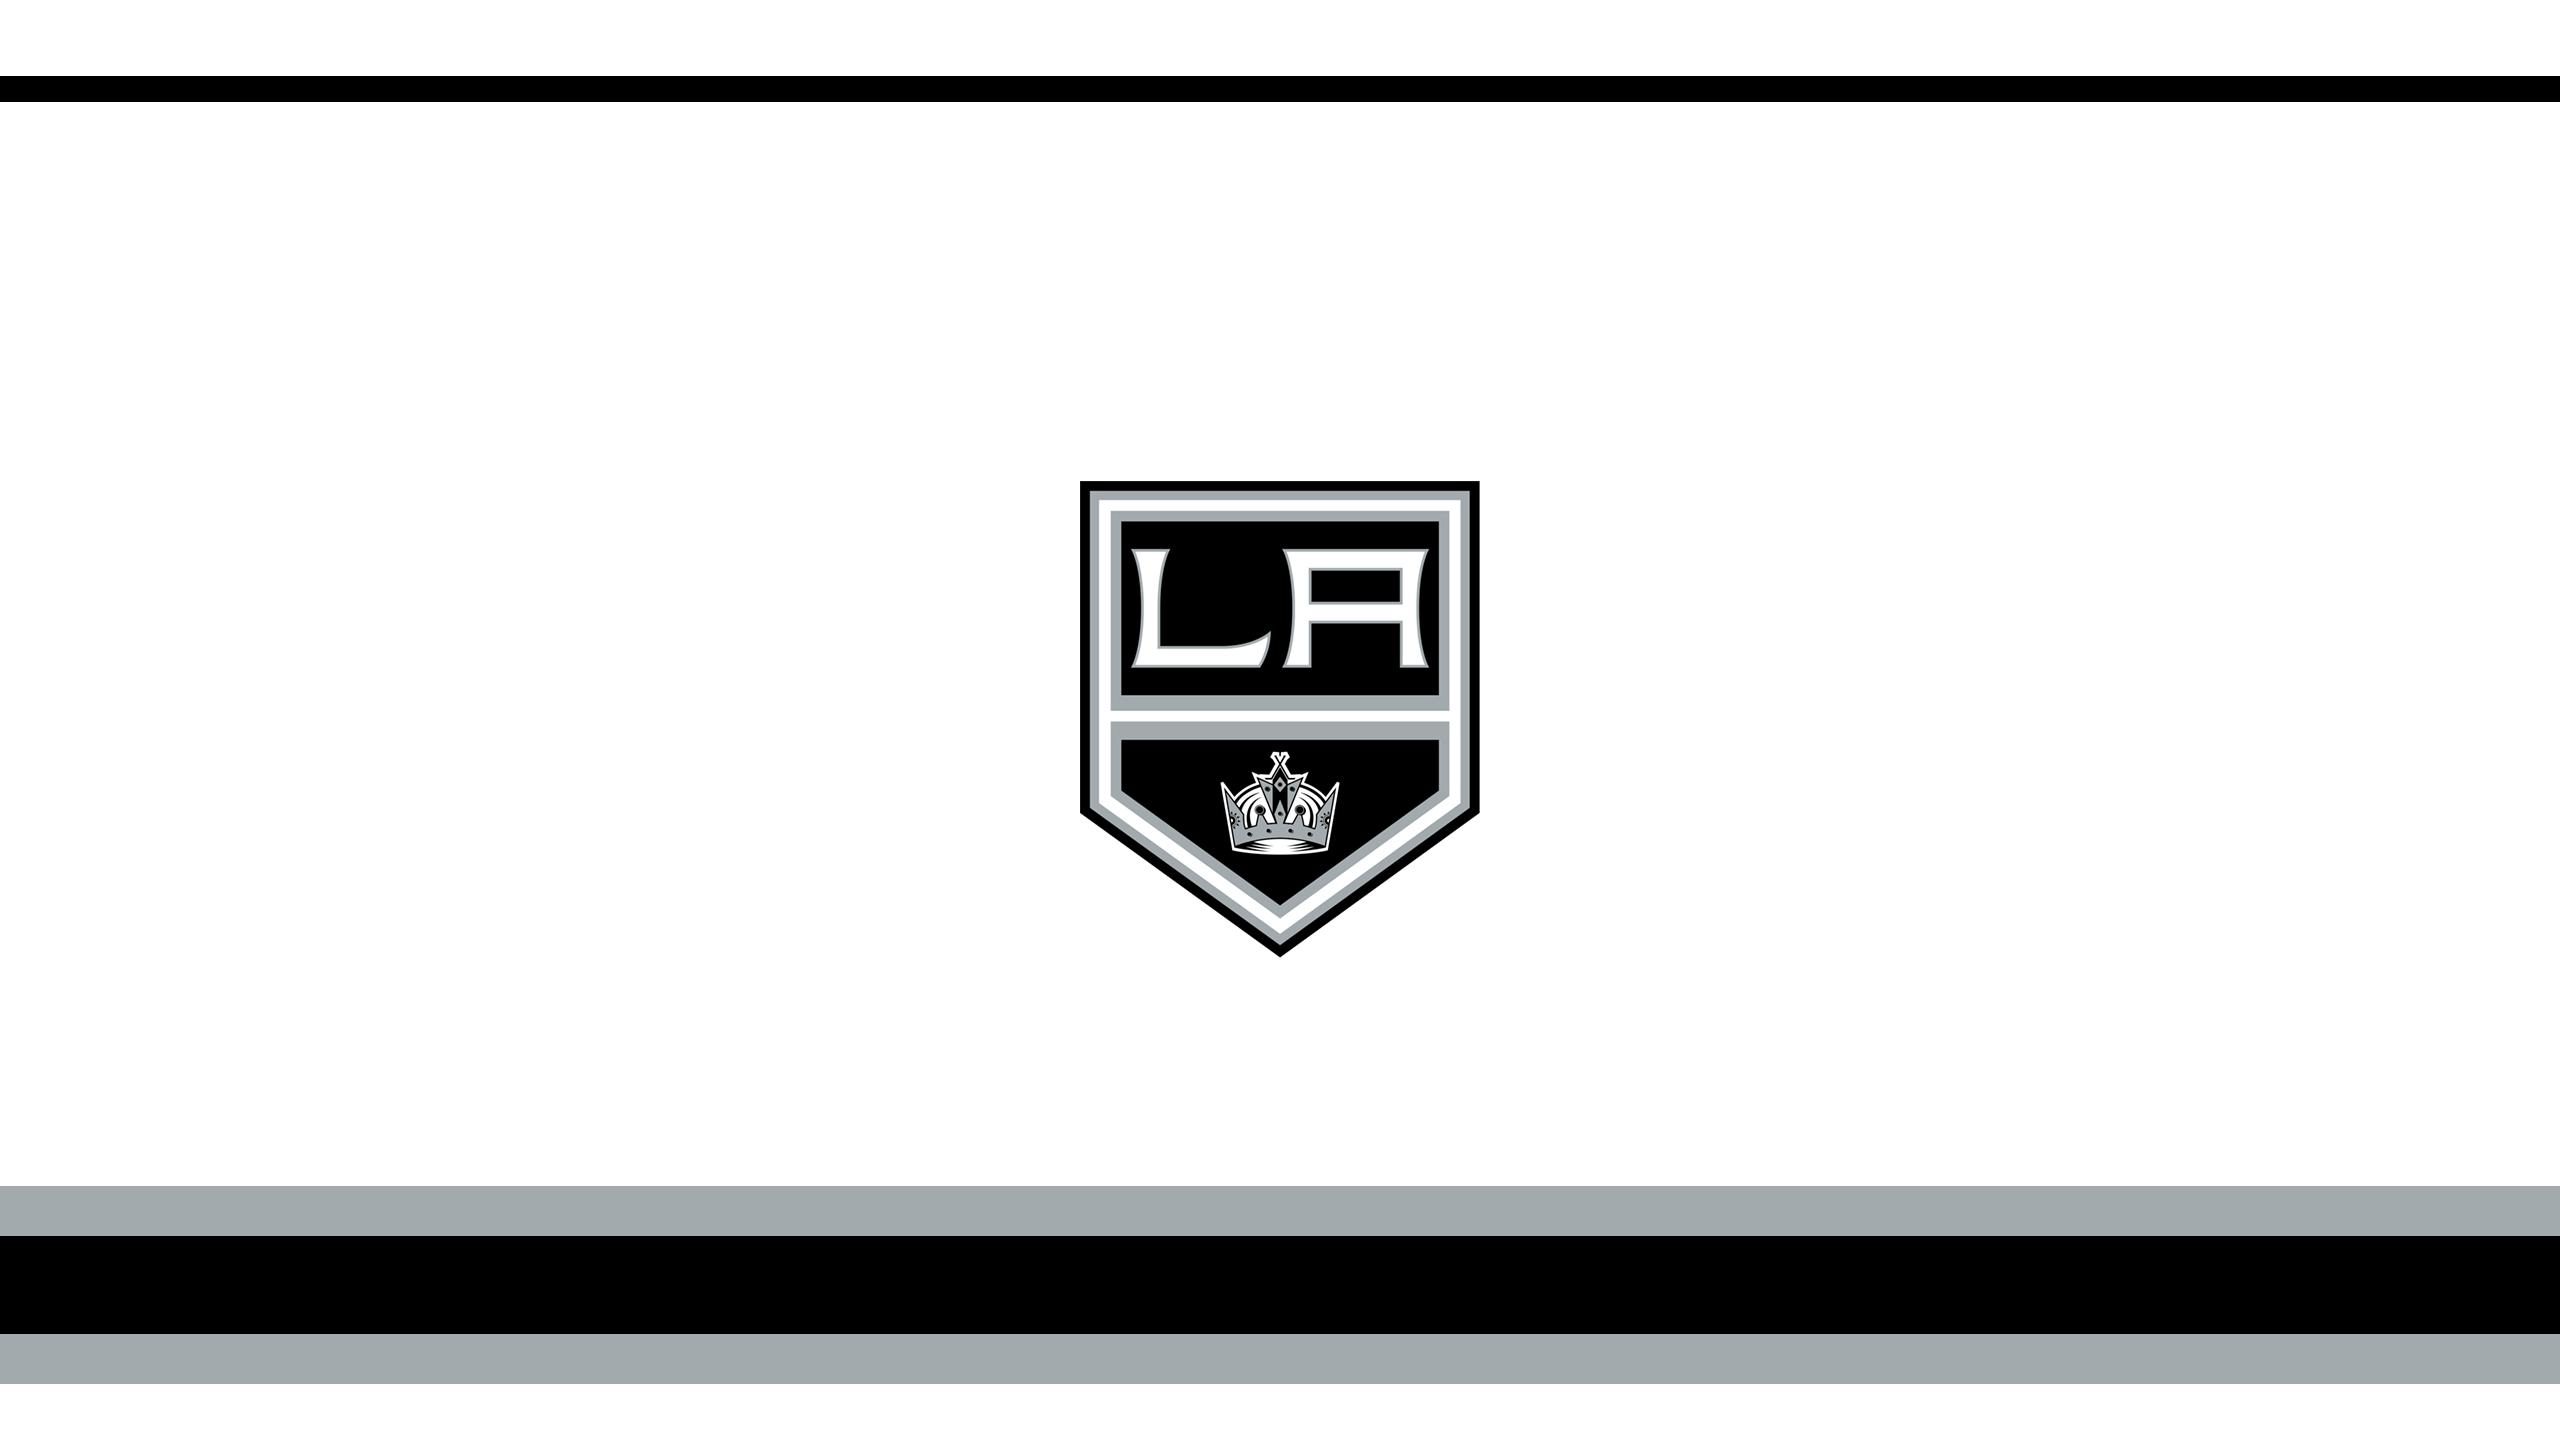 Los Angeles Kings (Away)